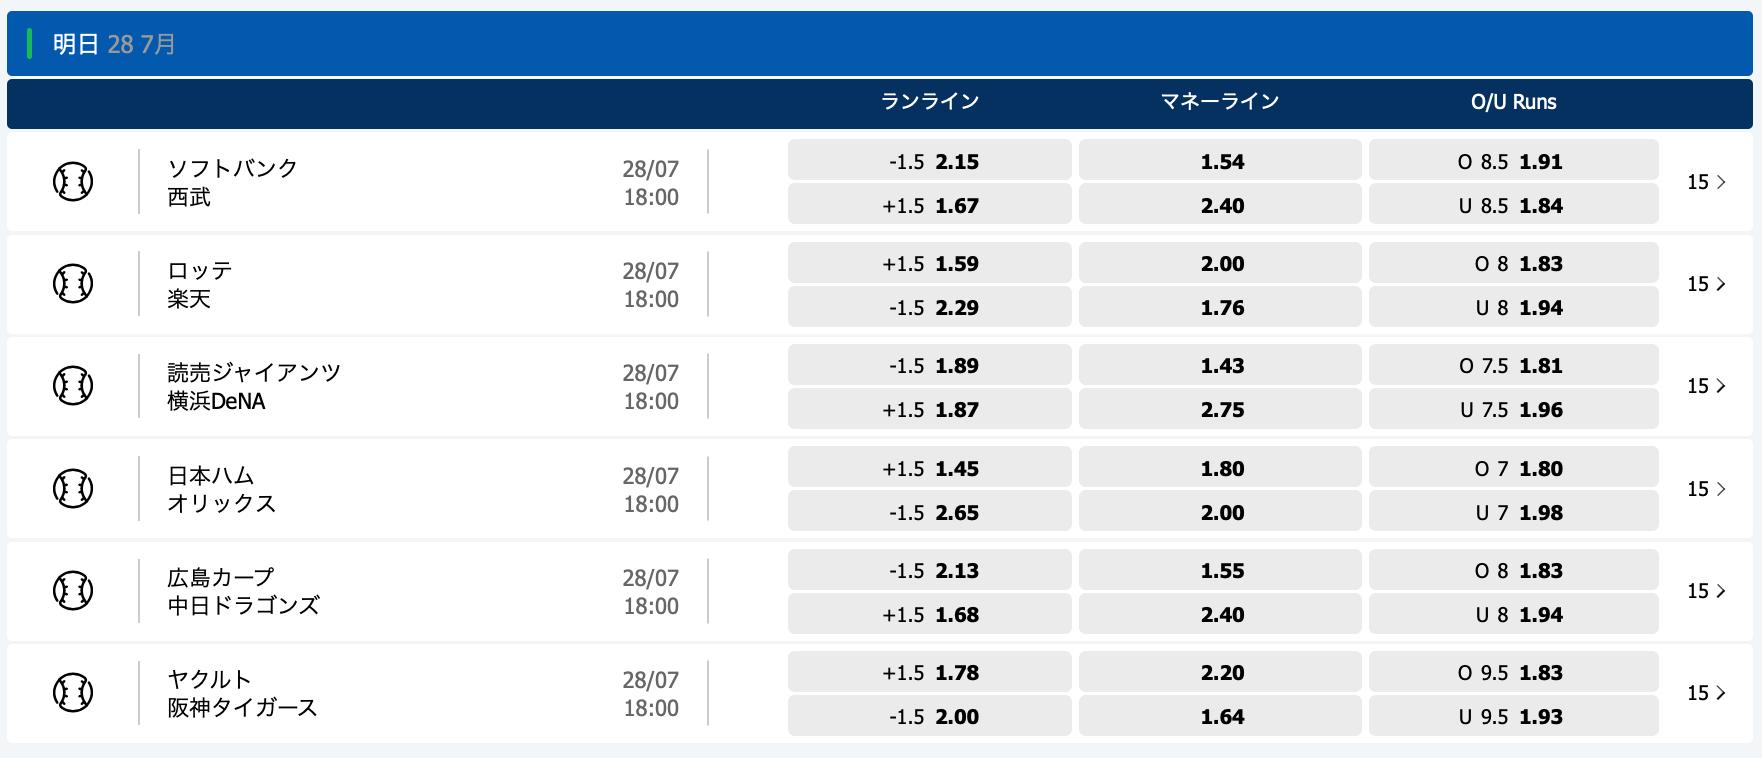 2020.7.28 プロ野球オッズ・10bet Japan